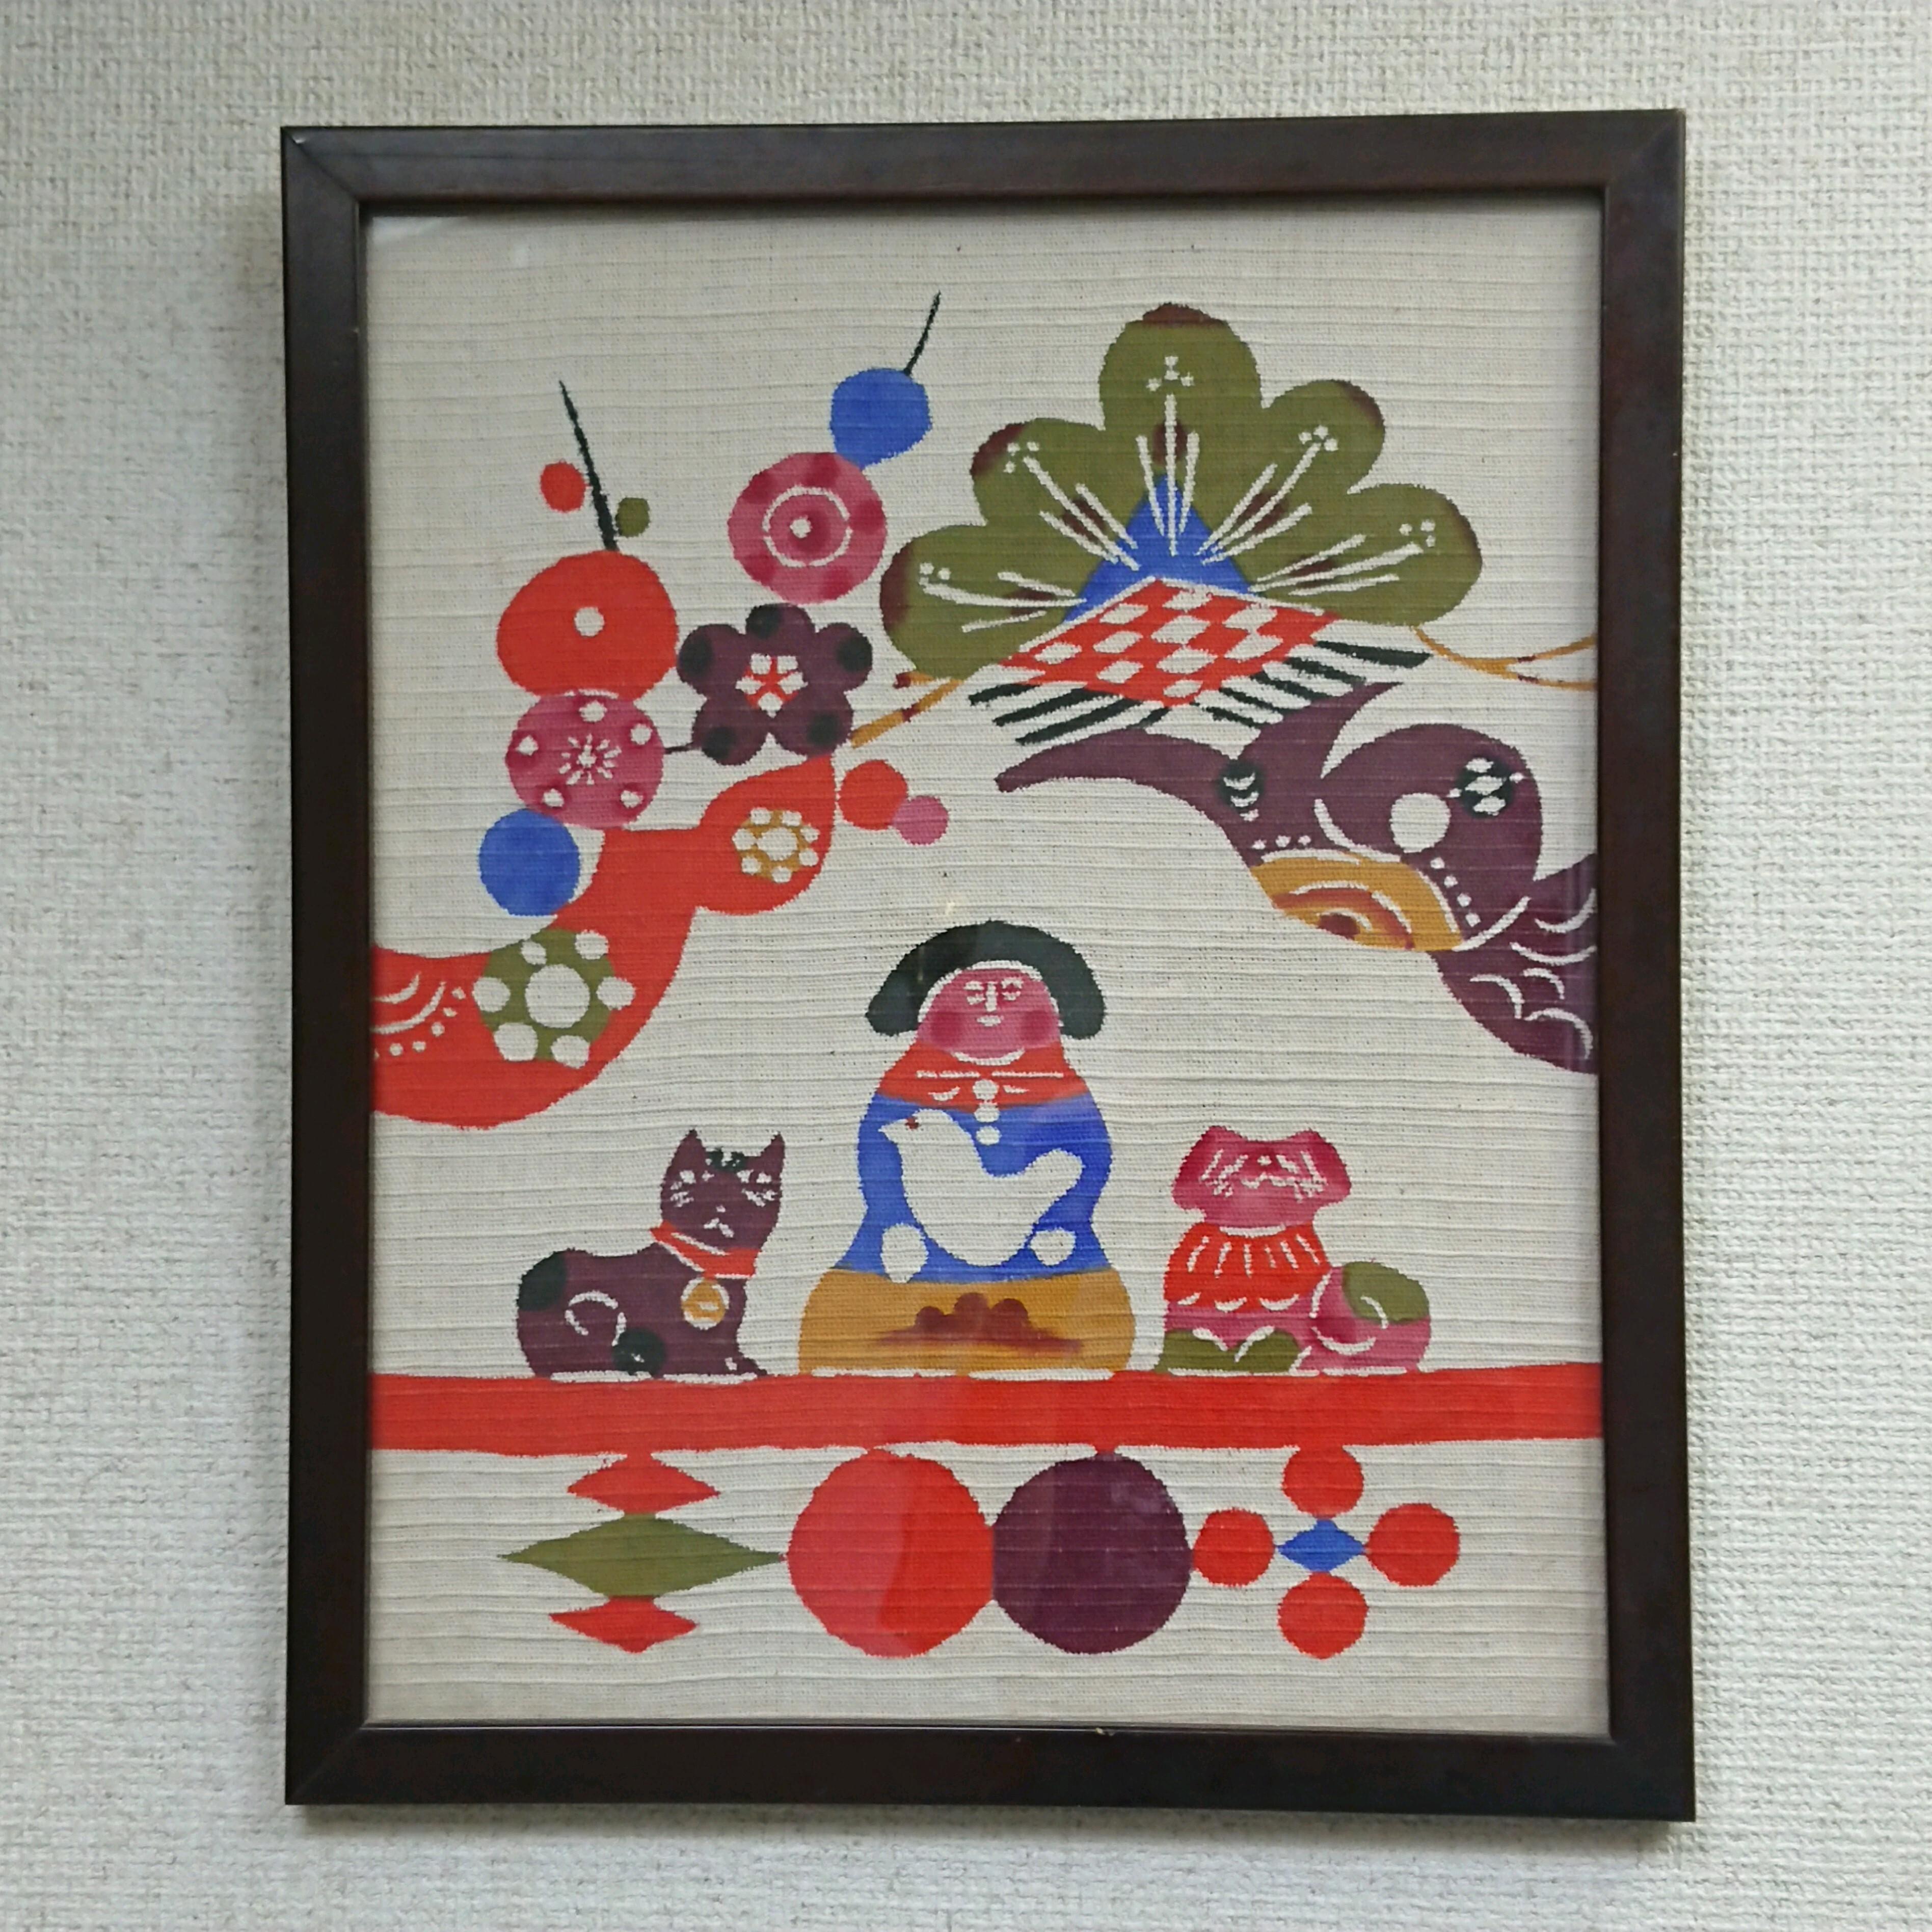 染色家 柚木沙弥郎作 型染絵 染色画 額装 民藝